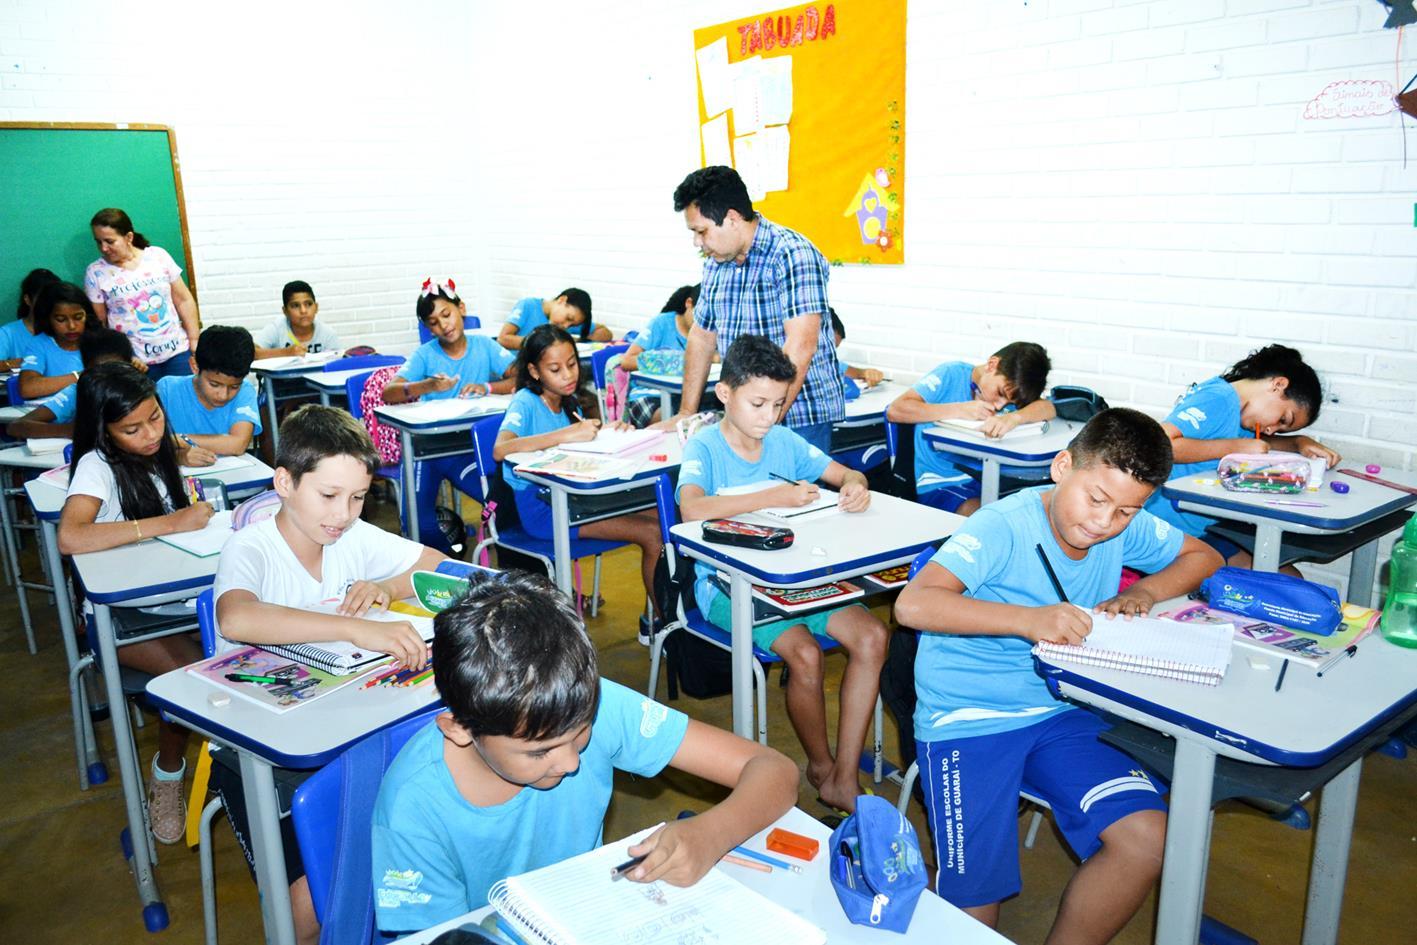 Escolas municipais de Guaraí também suspendem aulas em função do novo coronavírus